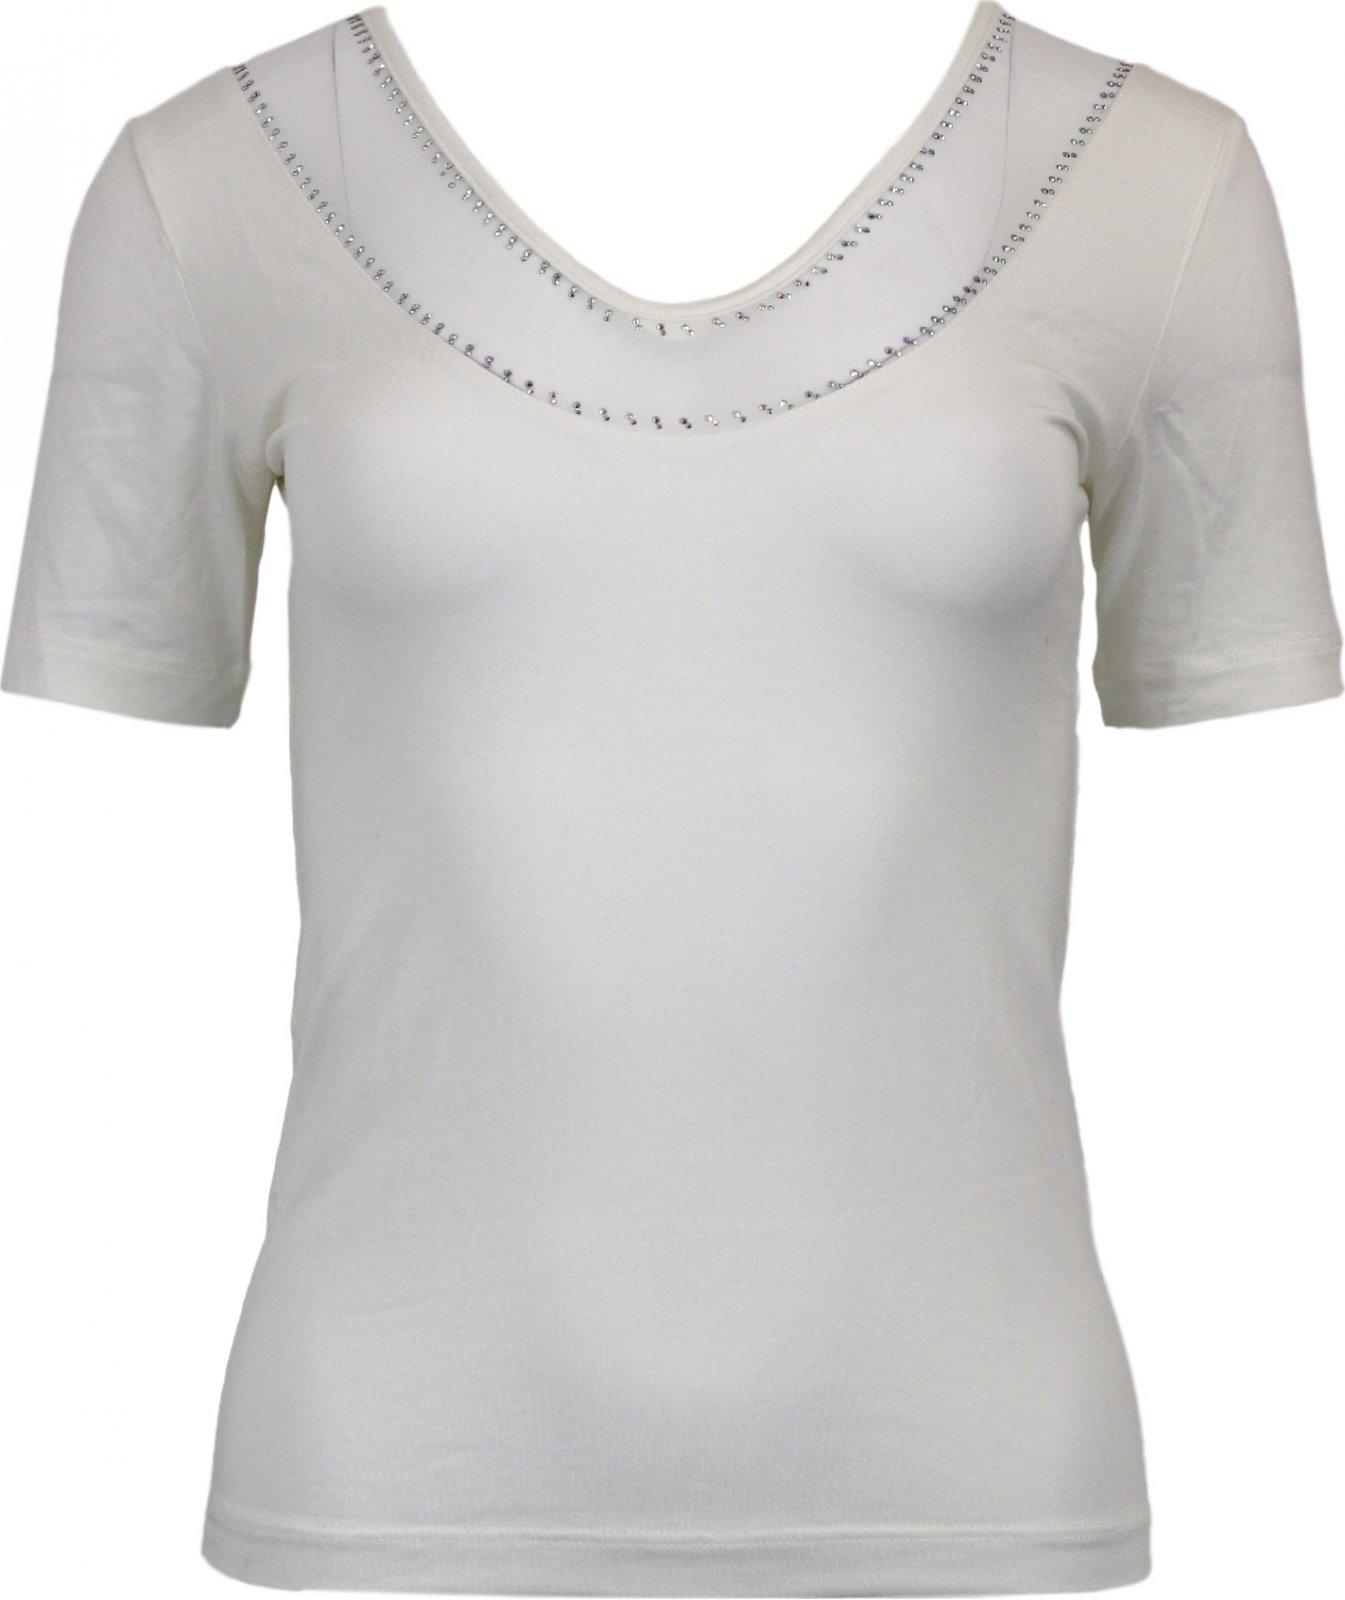 4017f747f Favab Tričko Zani Lux bílé od 1 590 Kč | Zboží.cz